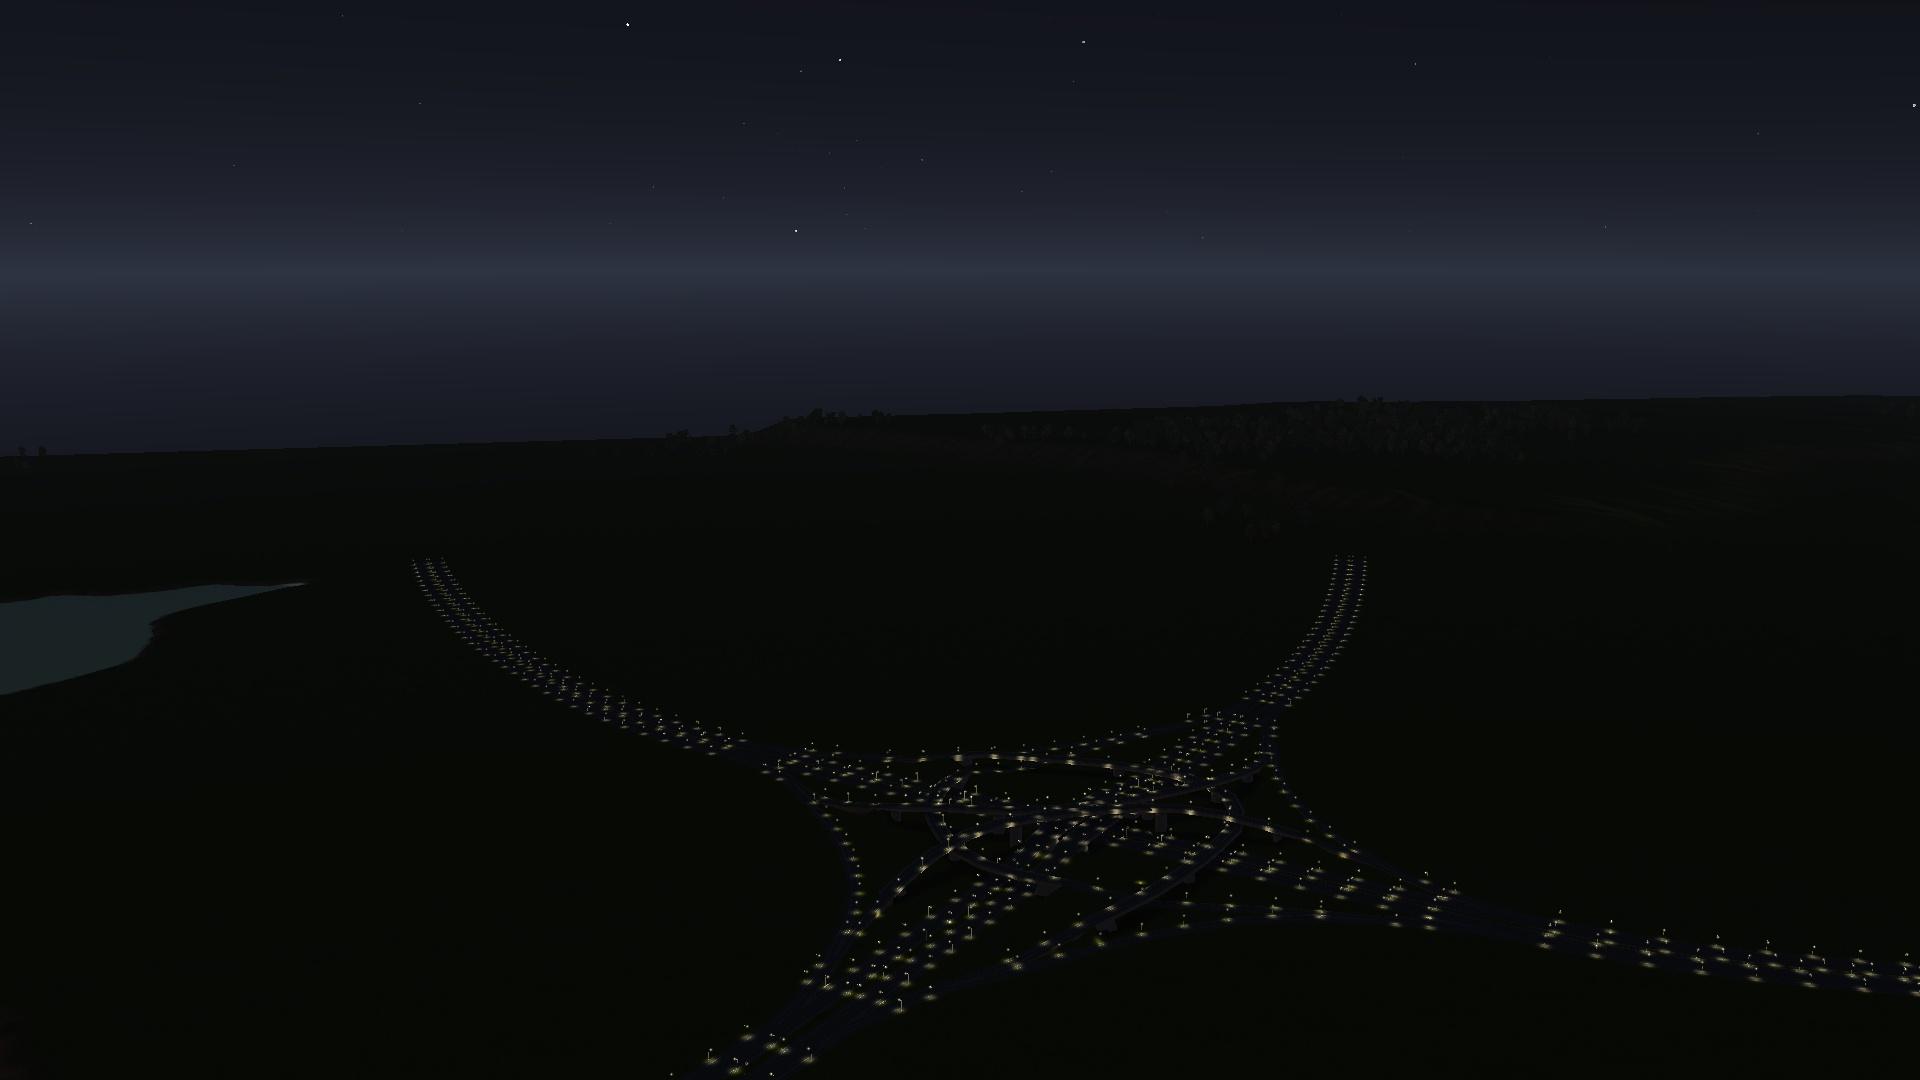 gamescreen0005.jpg